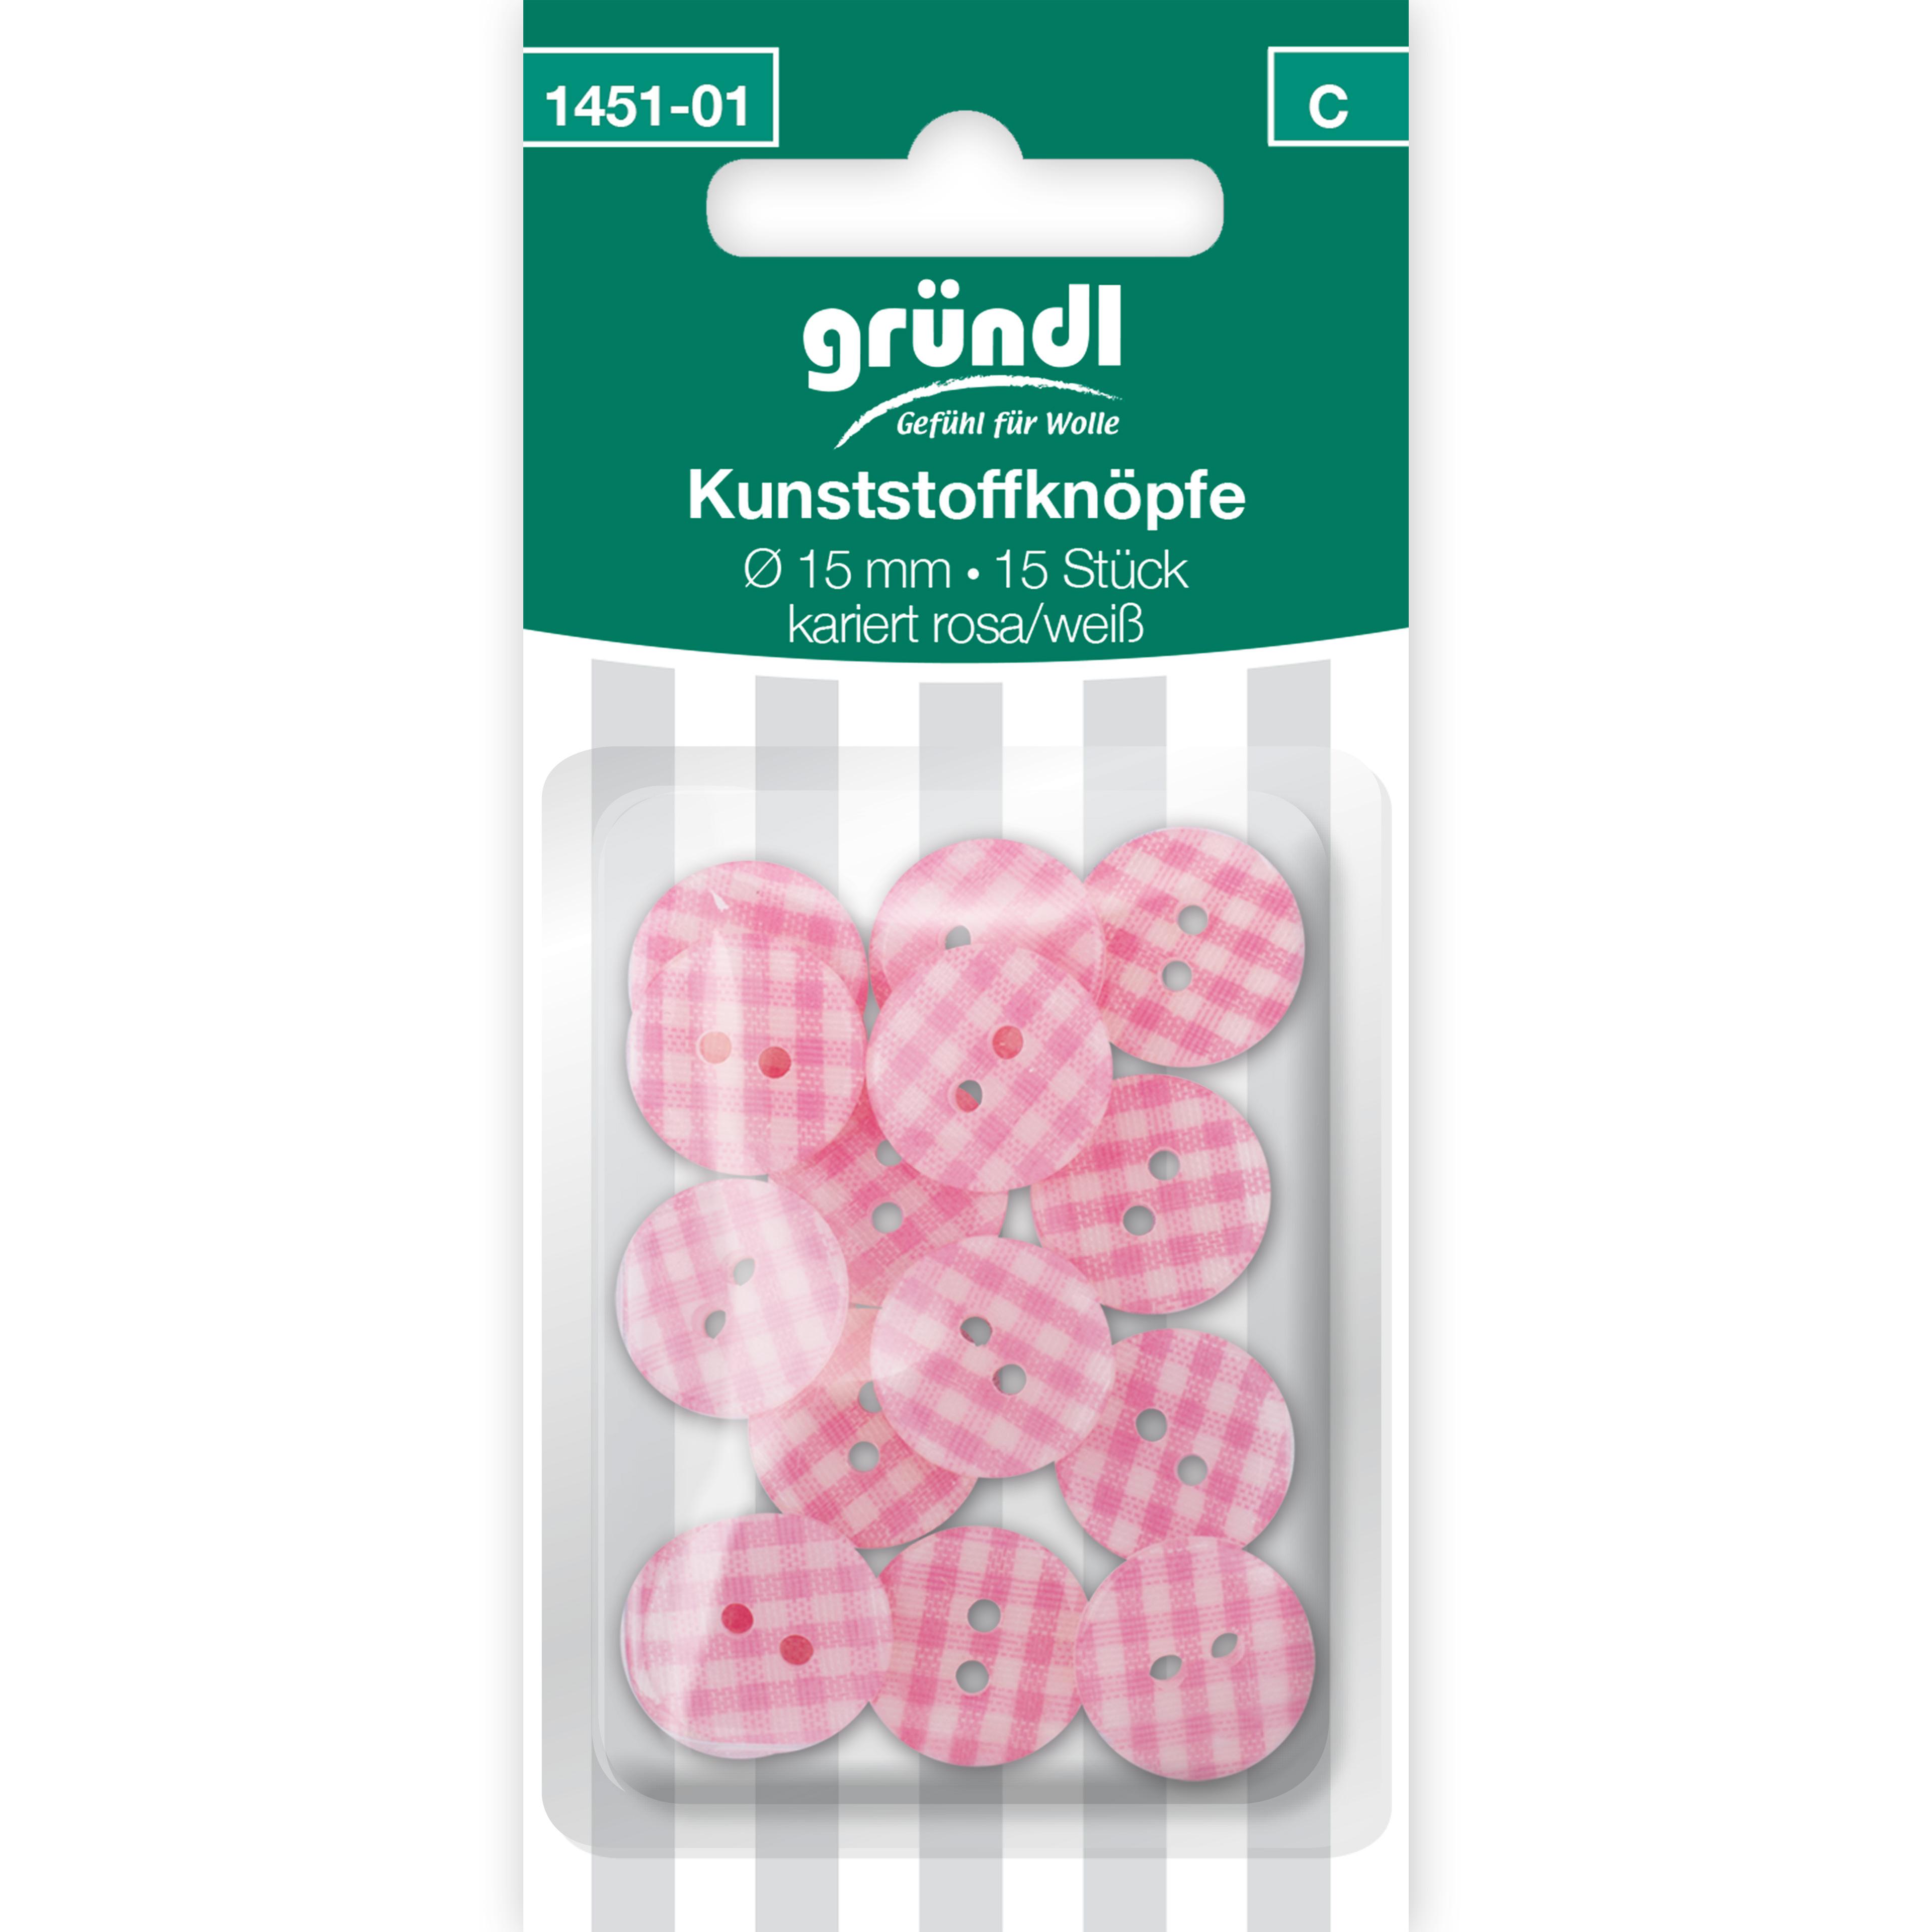 Kunststoffknöpfe, 15 Stück - rosa weiss kariert